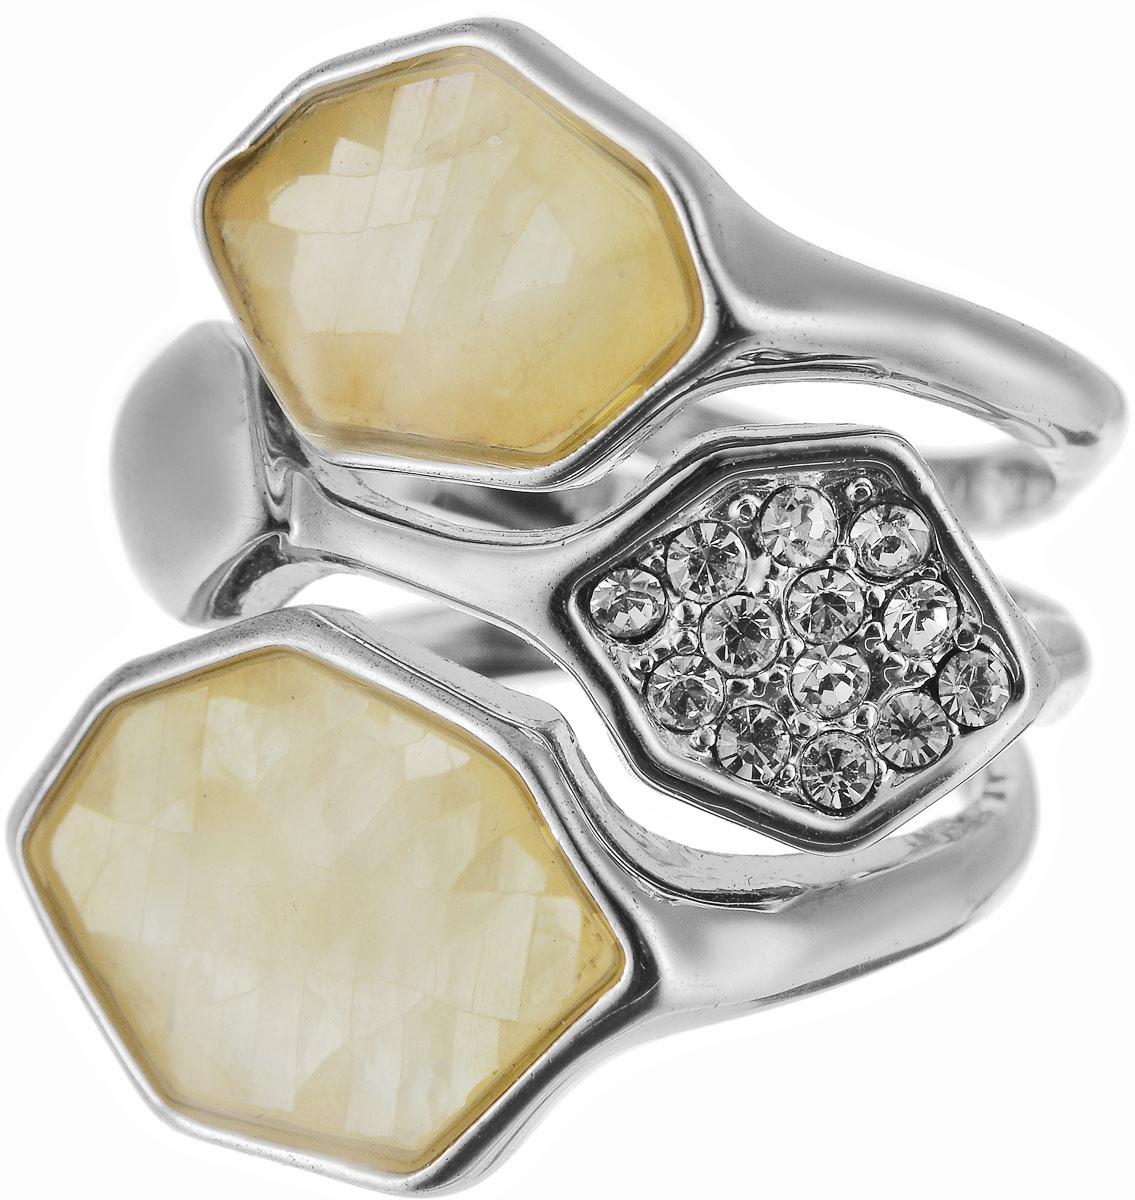 Кольцо Art-Silver, цвет: серебряный, бежевый. ЛМ049491-703-721. Размер 17ЛМ049491-703-721Оригинальное кольцо Art-Silver выполнено из бижутерного сплава с гальваническим покрытием. Кольцо украшено декоративными вставками. Элегантное кольцо Art-Silver превосходно дополнит ваш образ и подчеркнет отменное чувство стиля своей обладательницы.